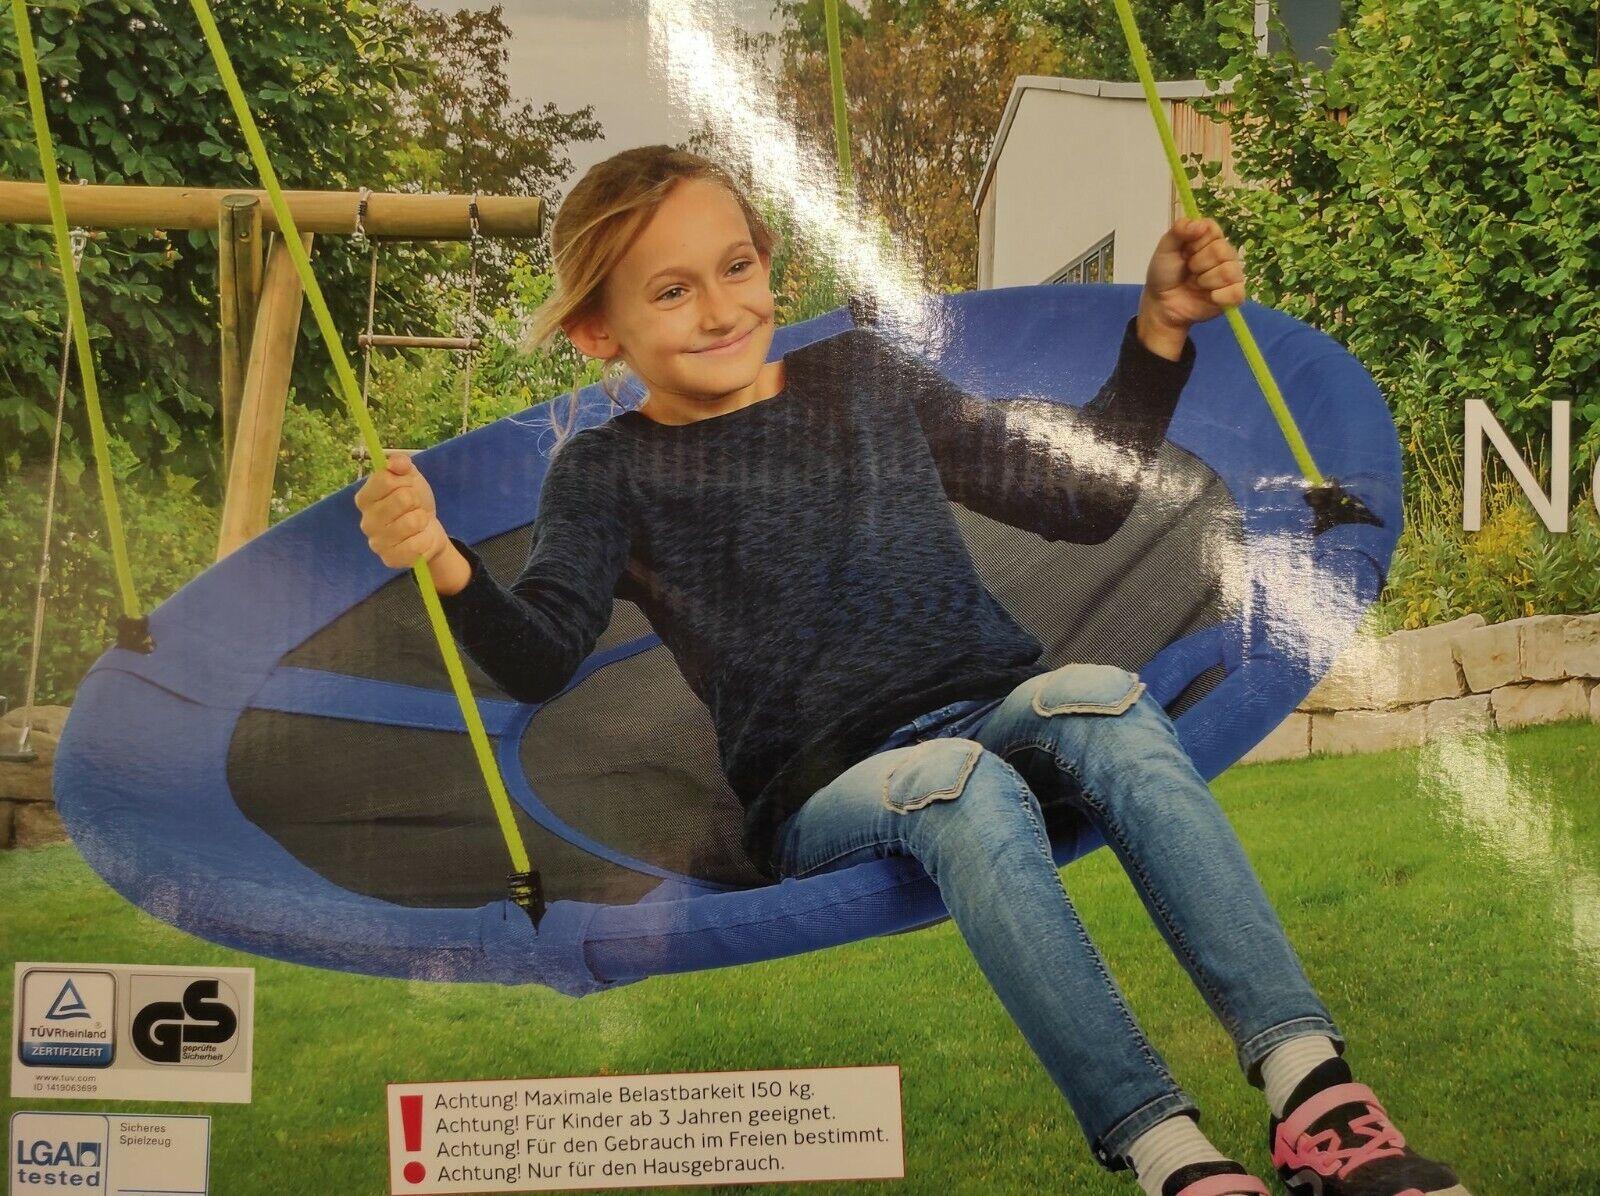 Nestschaukel Tellerschaukel Ø110cm Bis 150 KG Kinder/Erwachsene Rund Blau Garten